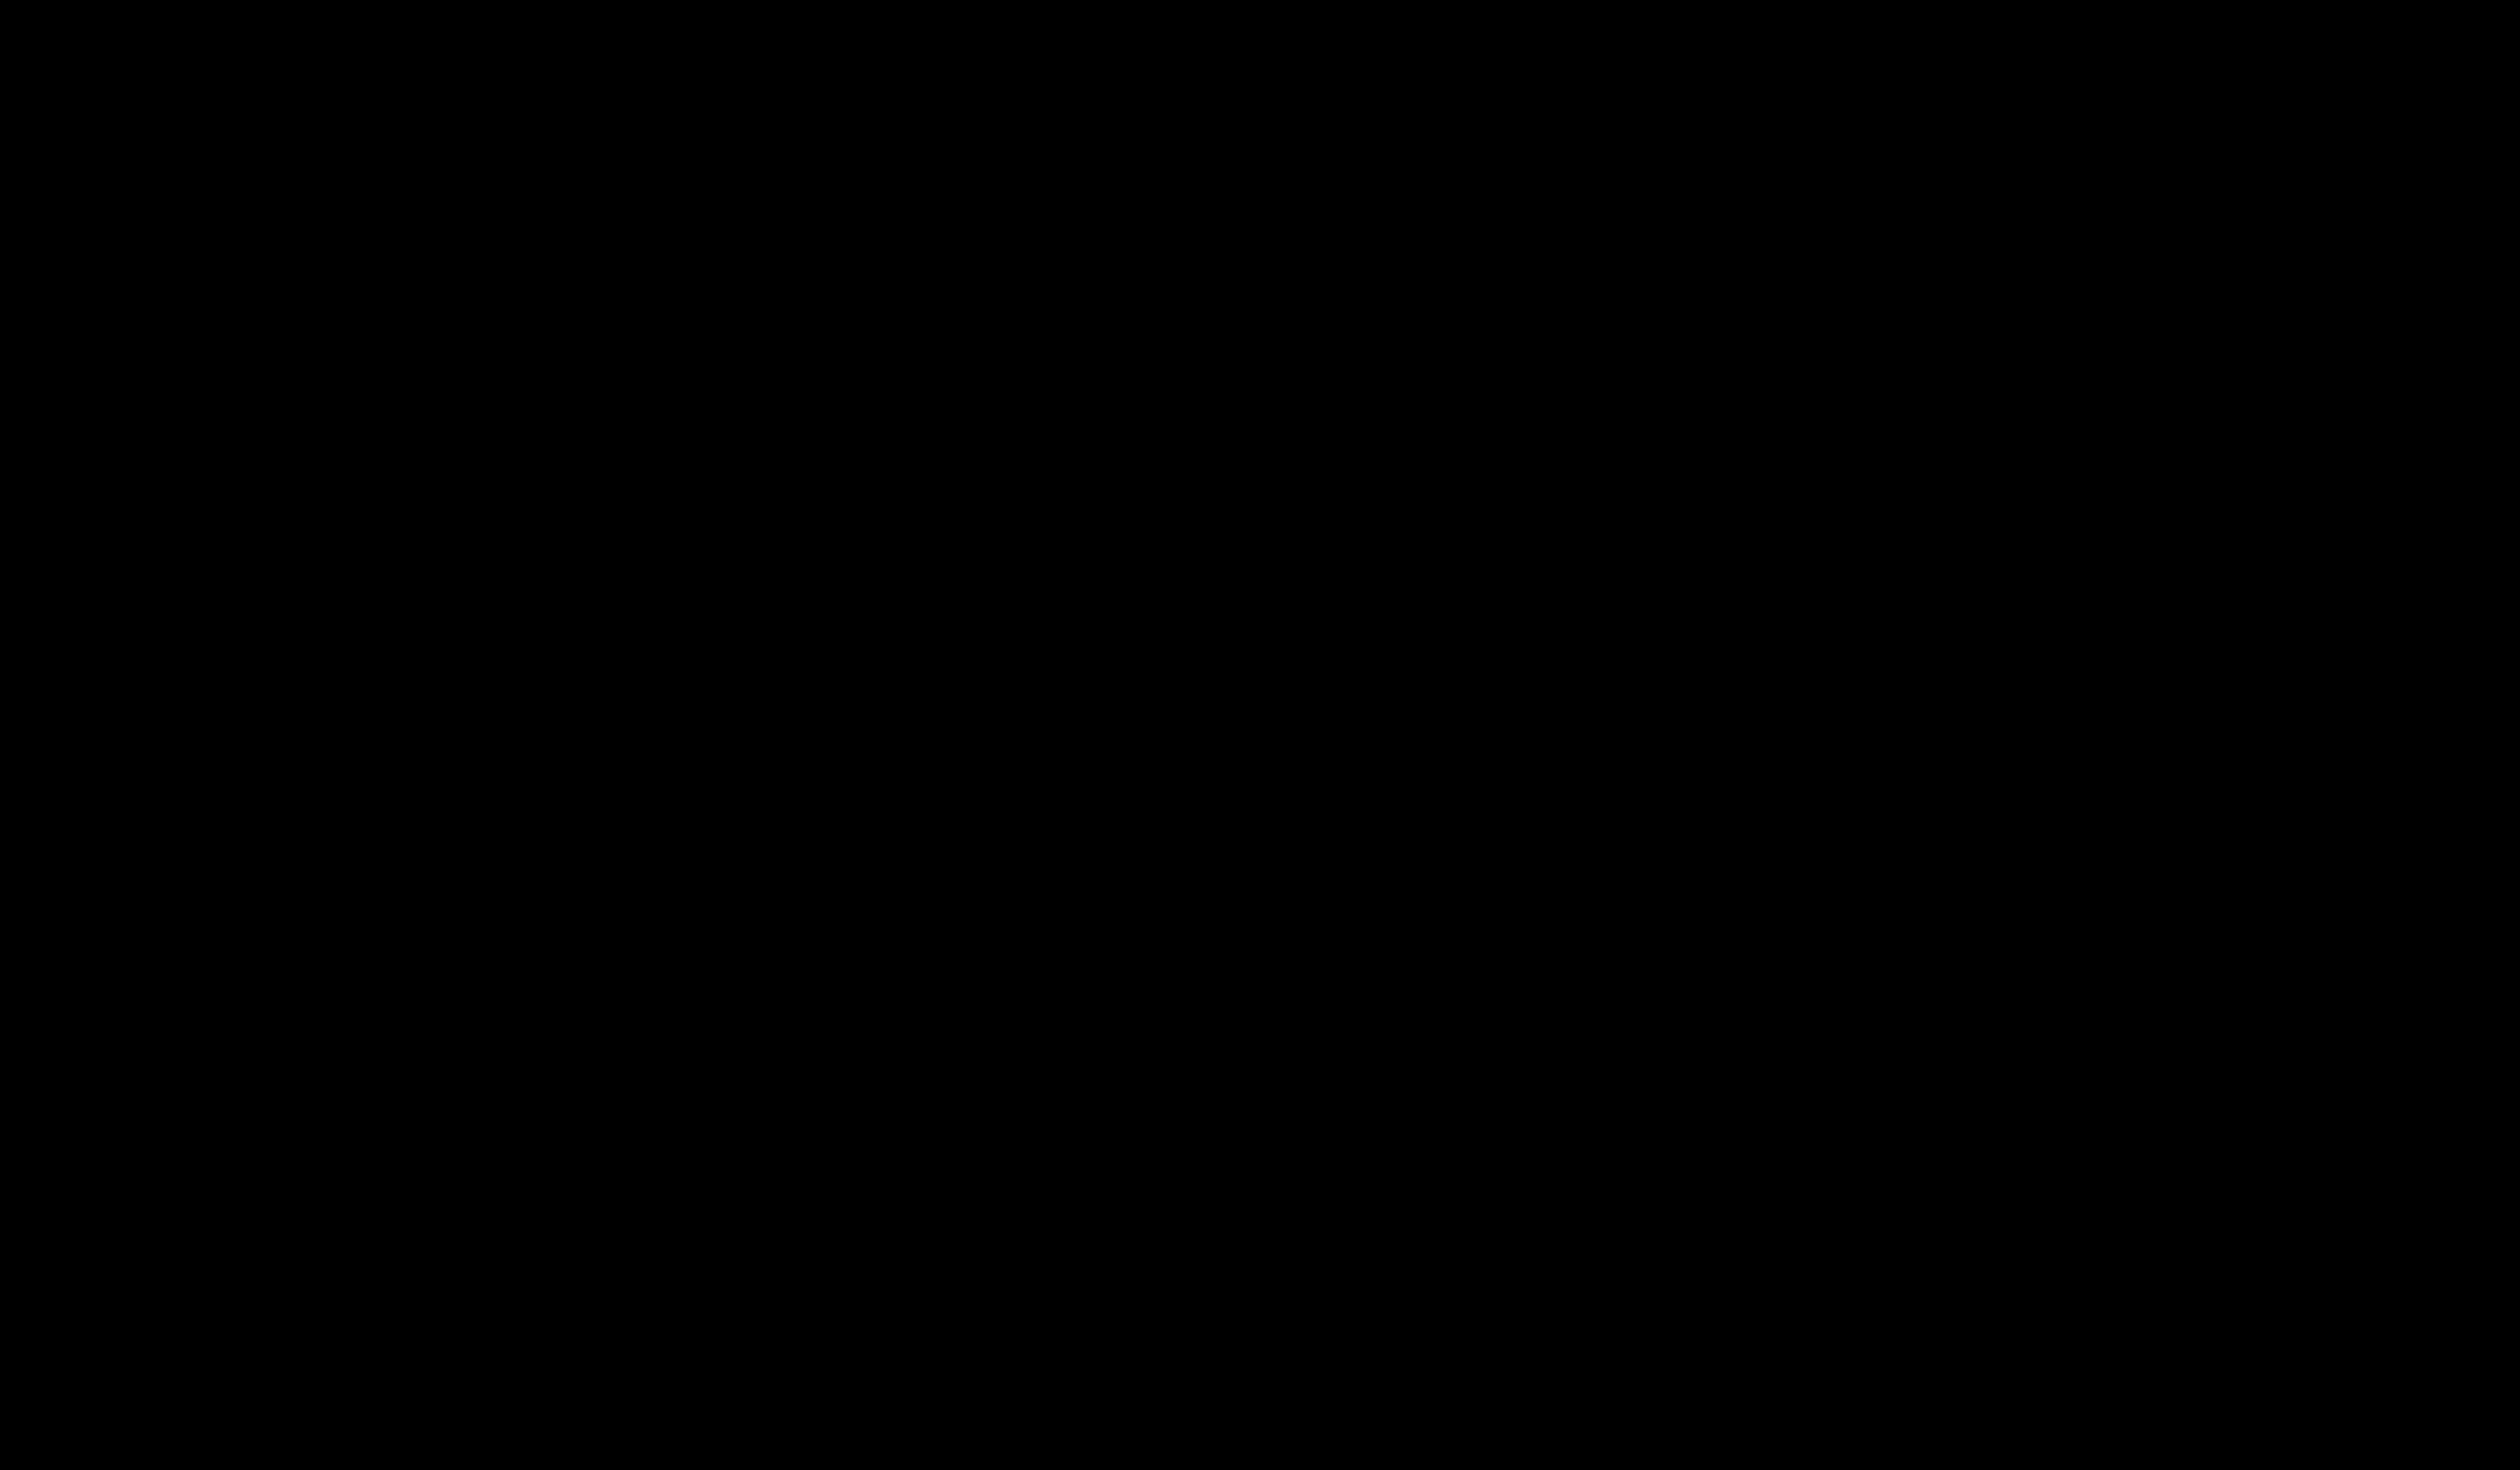 【践行 · 聚变】2019JOOM卖家高峰论坛暨年末盛典